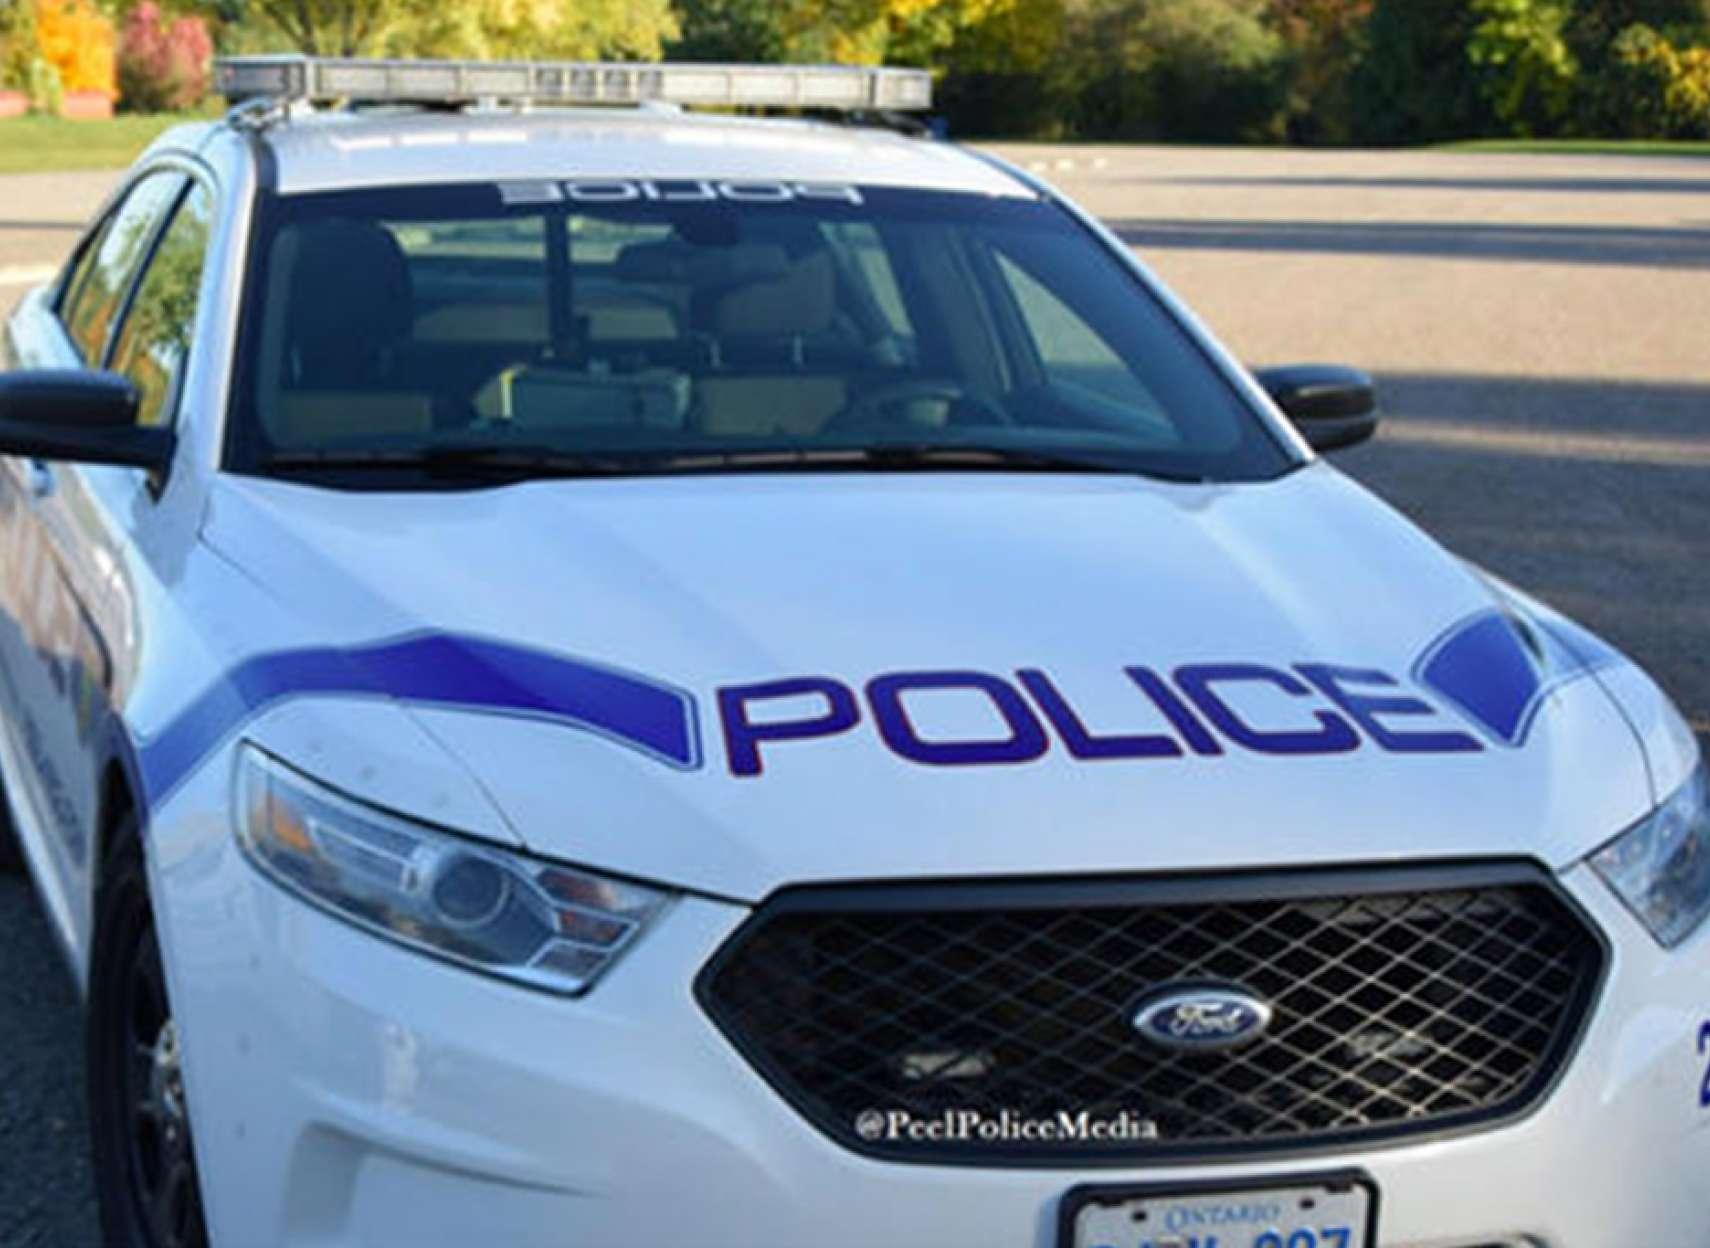 اخبار-تورنتو-پلیس-تورنتو-یک-کلاهبردار-اجاره-خانهها-را-نیز-دستگیر-کرد